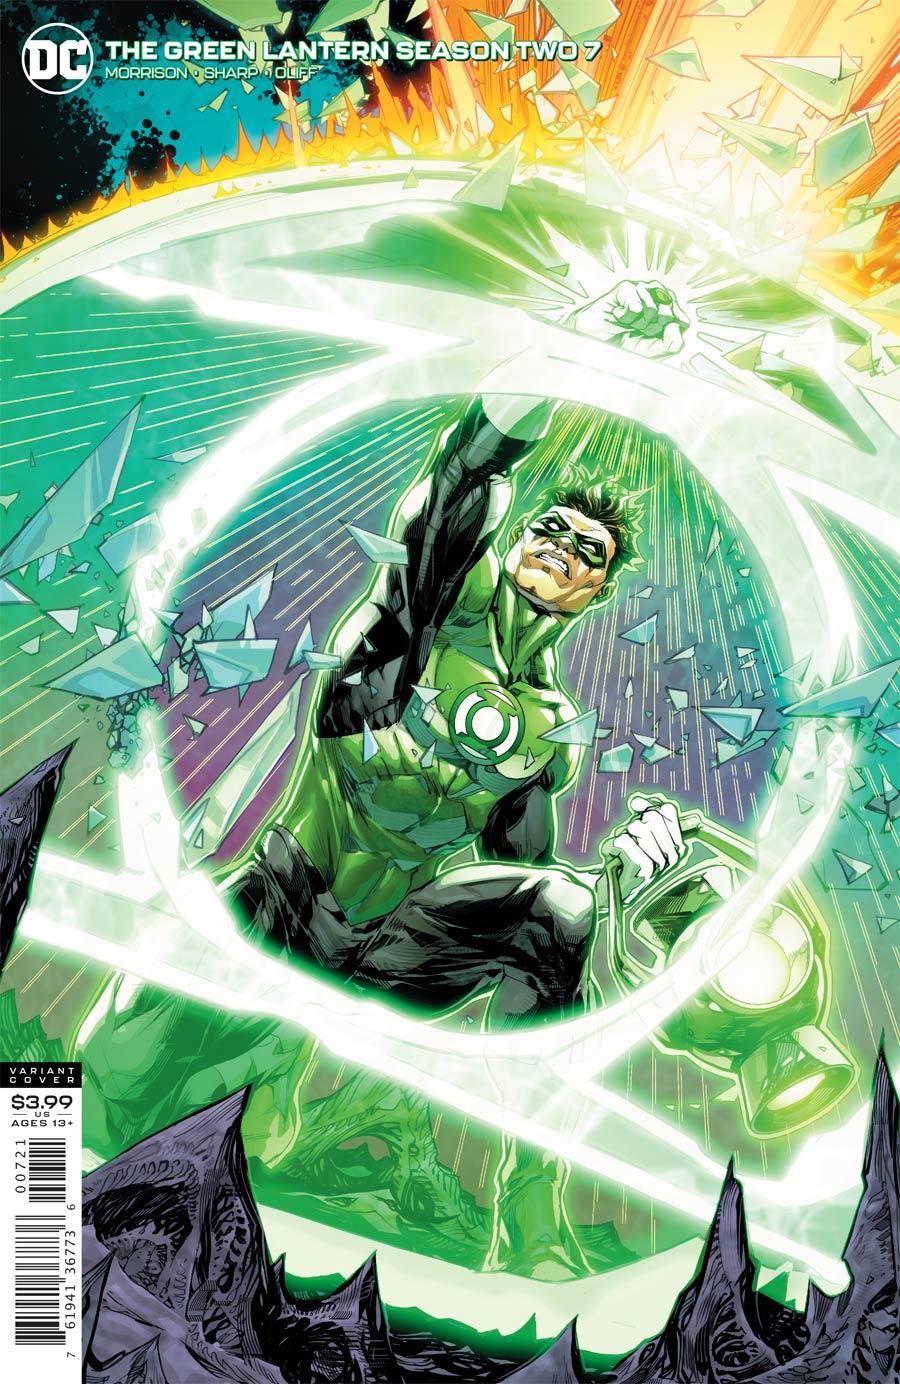 Green Lantern Vol 6 Season 2 #7 Cover B Variant Howard Porter Cover